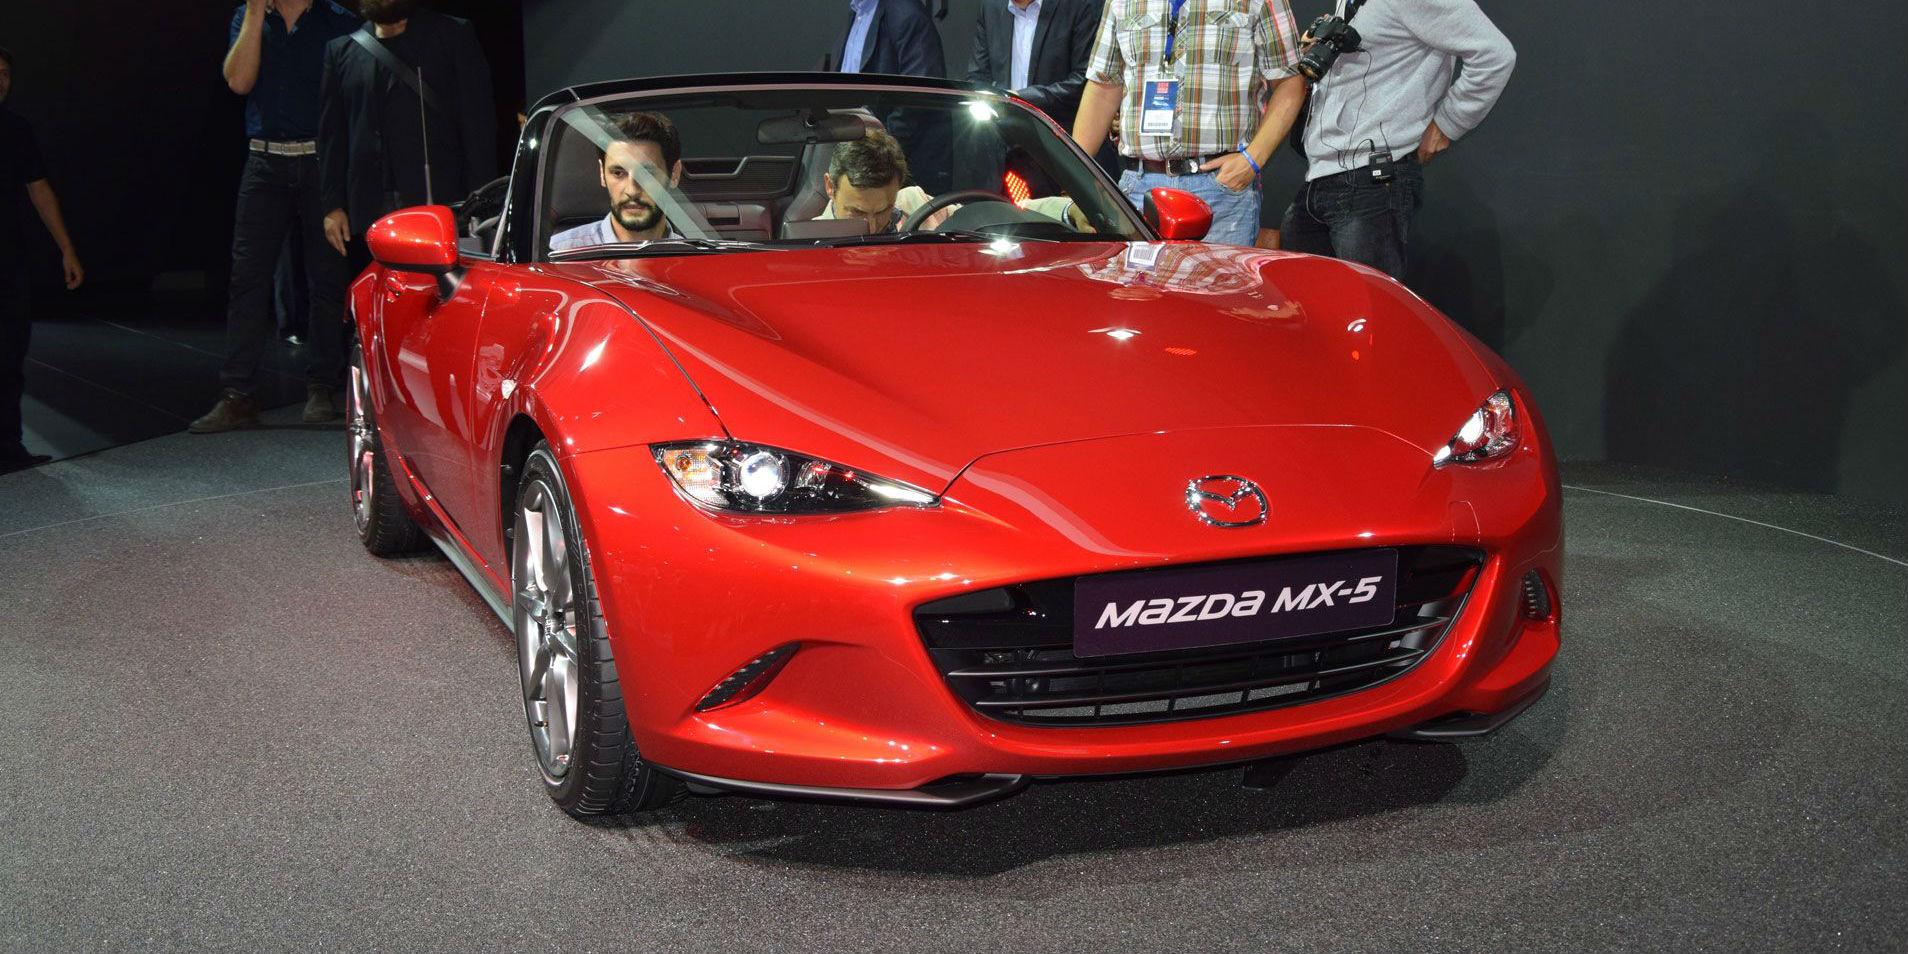 New 2015 Mazda MX 5 cover